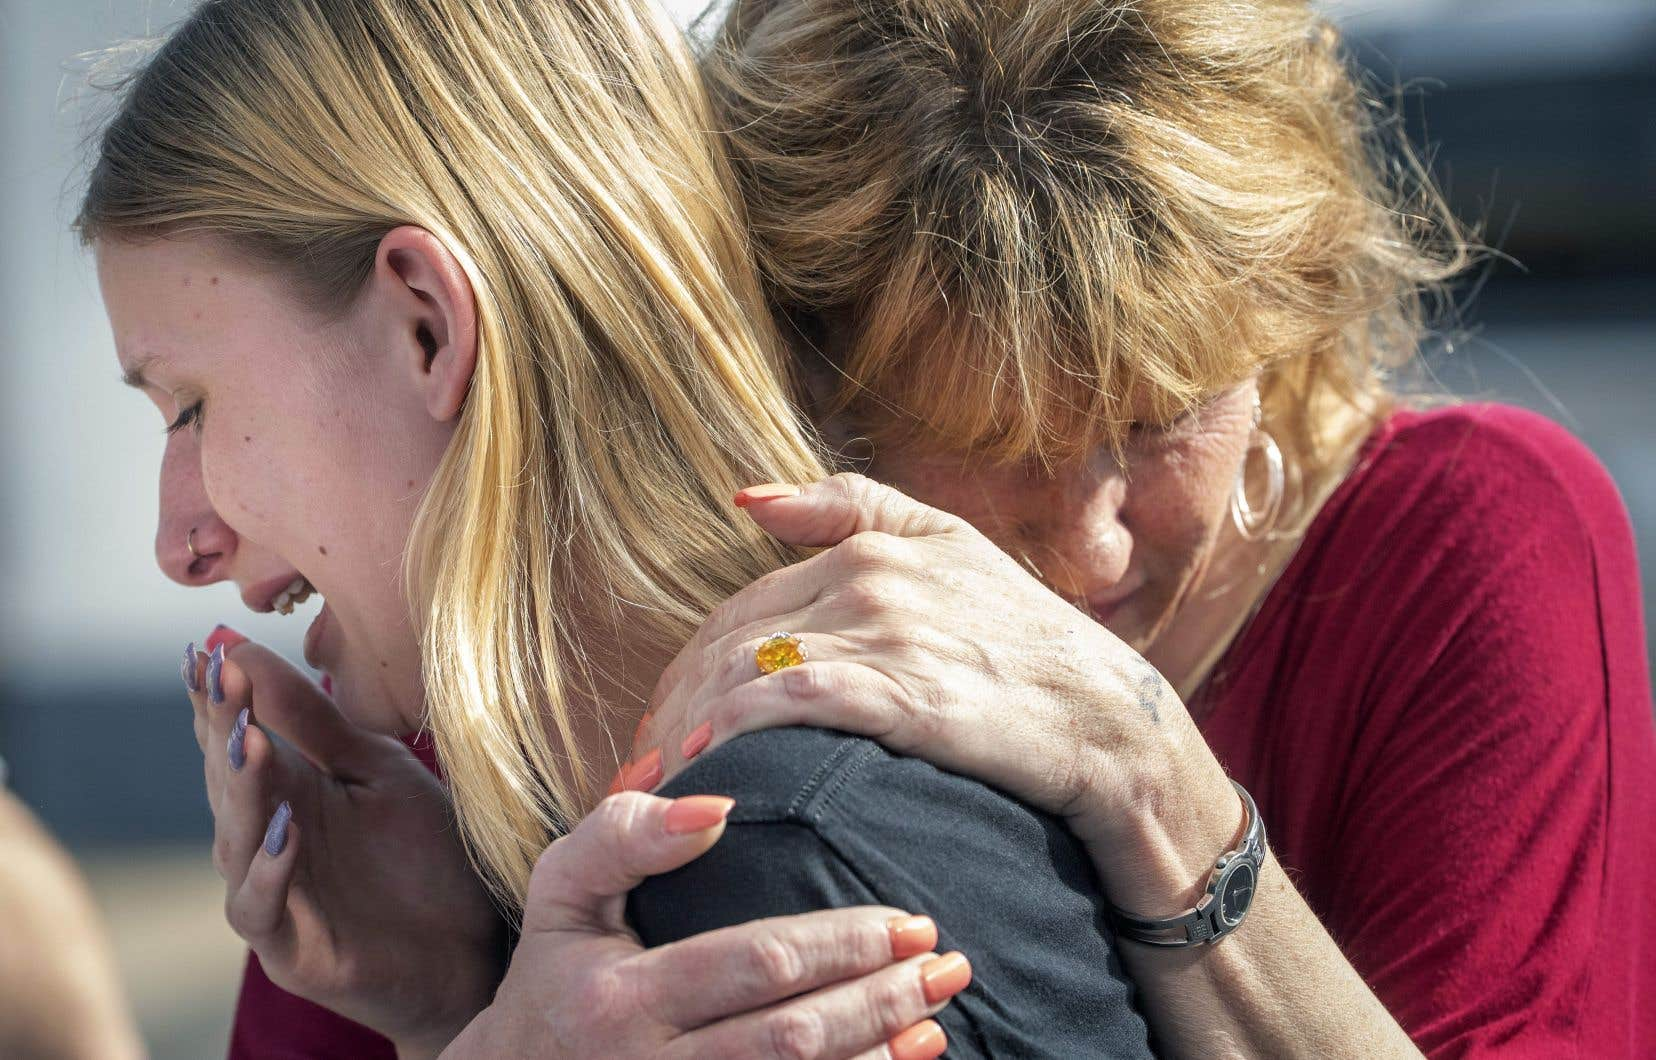 Une étudiante de l'école de Santa Fe, où a eu lieu la fusillade, est réconfortée par sa mère, qui s'était précipitée à l'école en apprenant ce qui s'y passait.